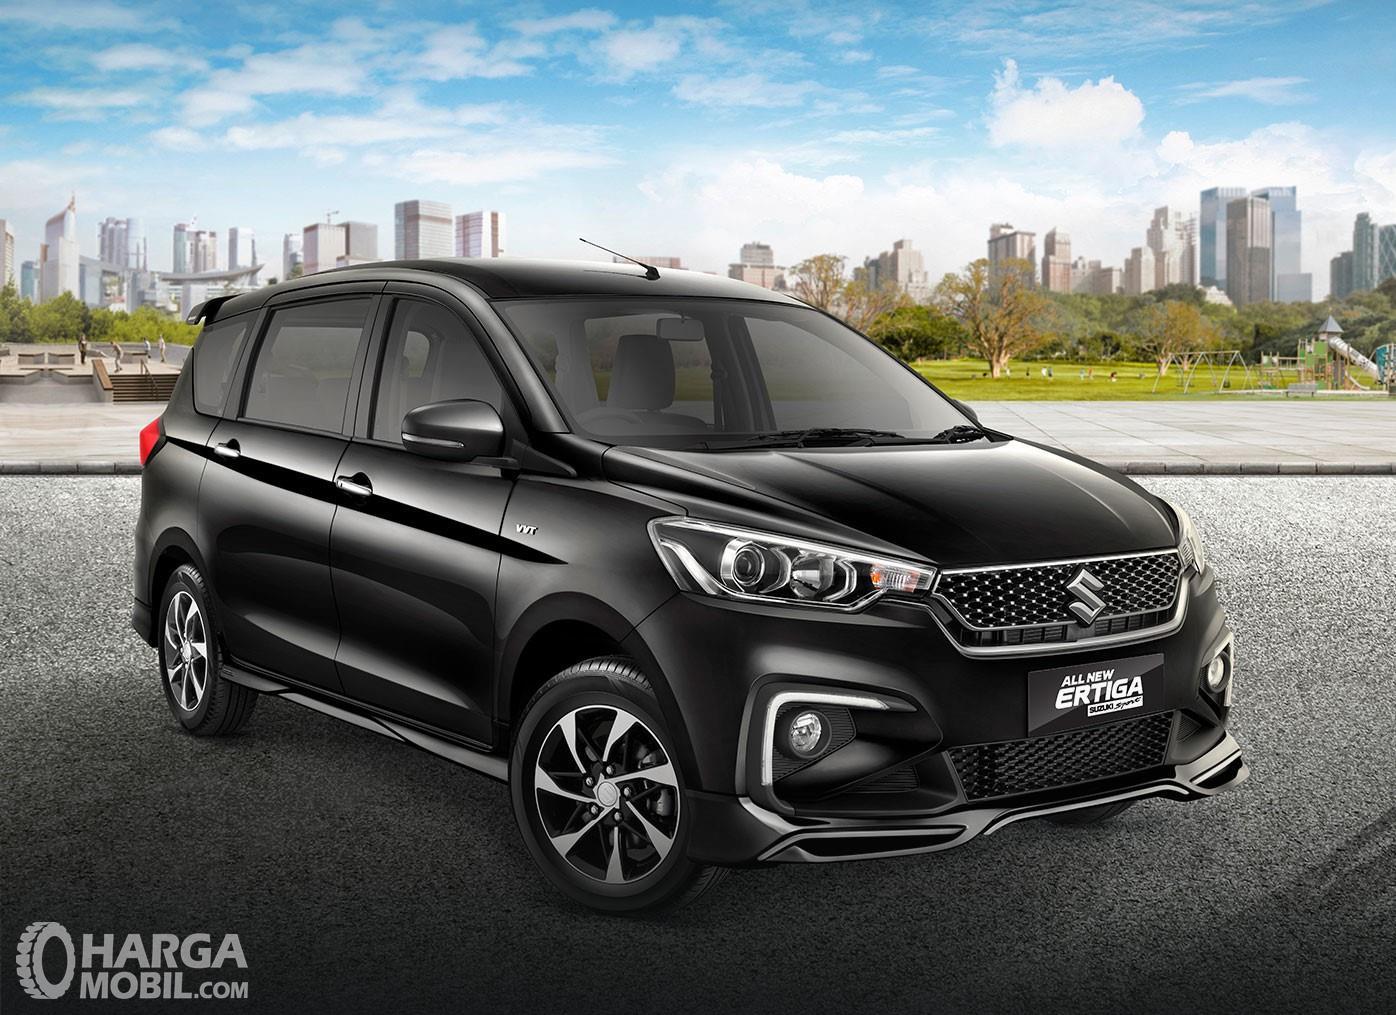 Tampilan samping depan All New Ertiga Suzuki Sport  2019 yang sangat menggoda